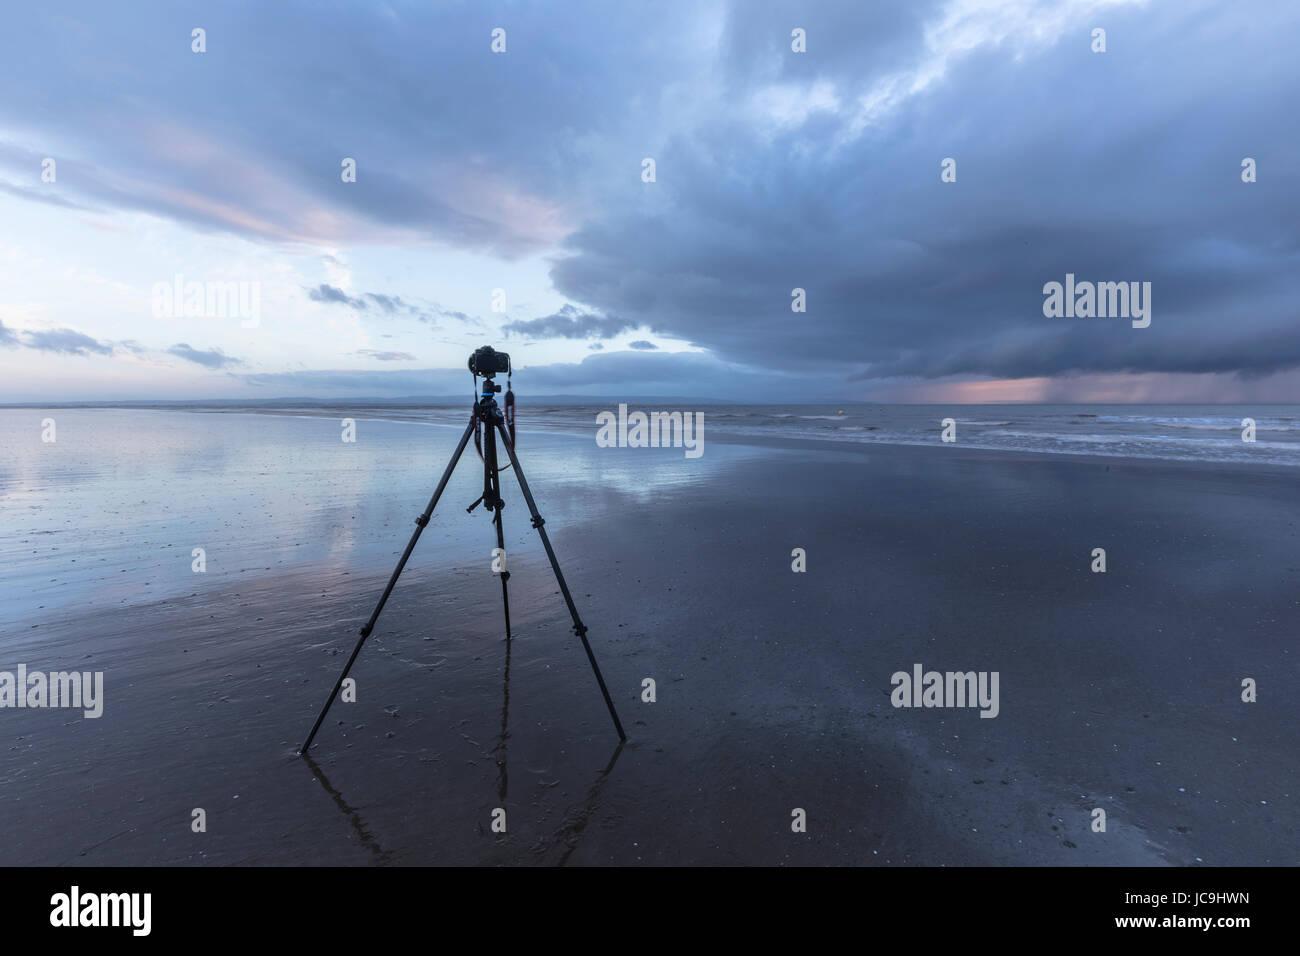 Kamera auf einem Stativ bei Ebbe am Strand warten auf den Sonnenuntergang erfassen Stockbild